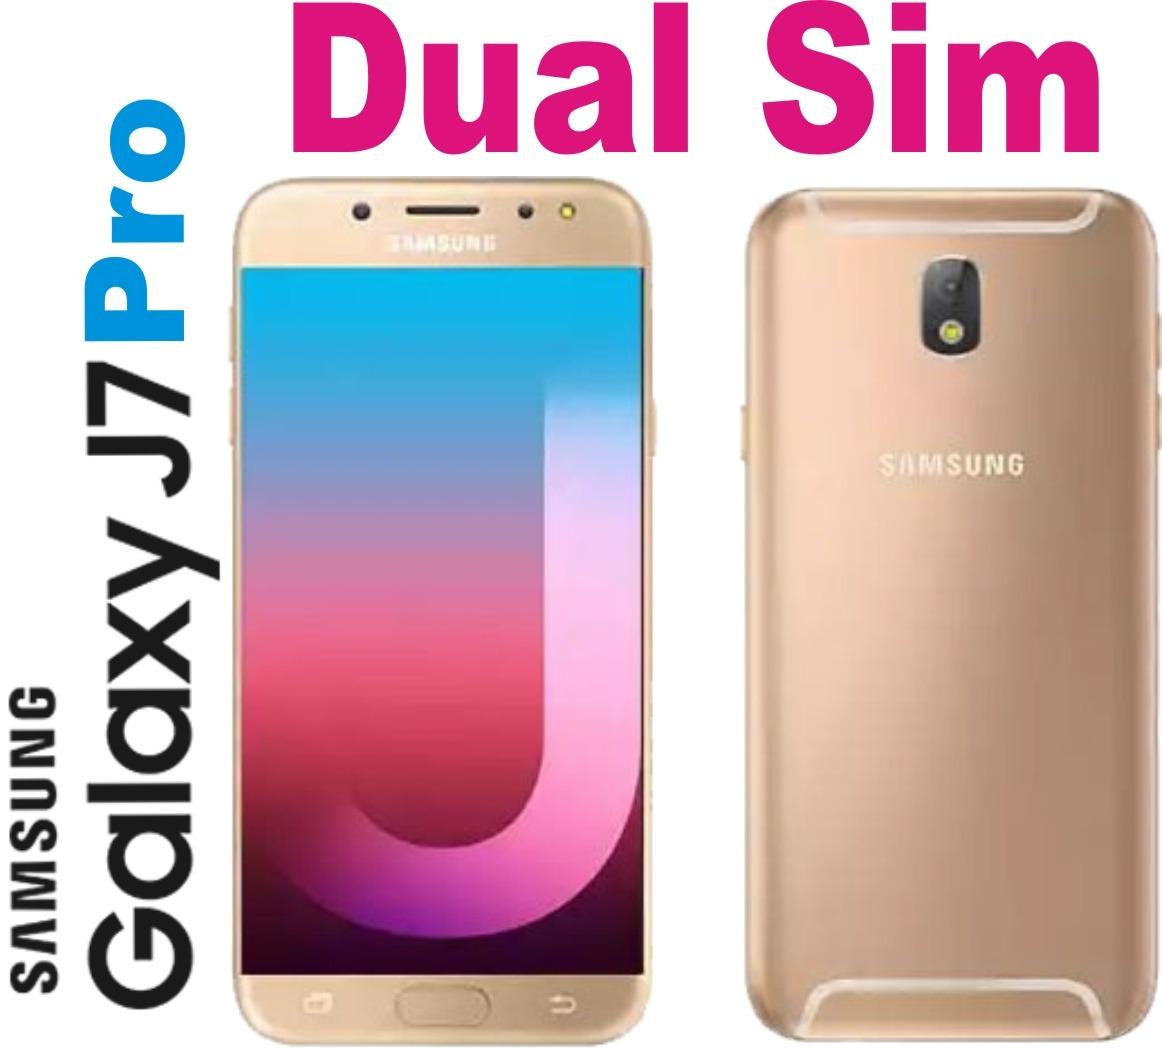 b0f97211a6 Samsung Galaxy J7 Pro 32gb Dual Sim 3gb Ram Full Metal 2018 ...